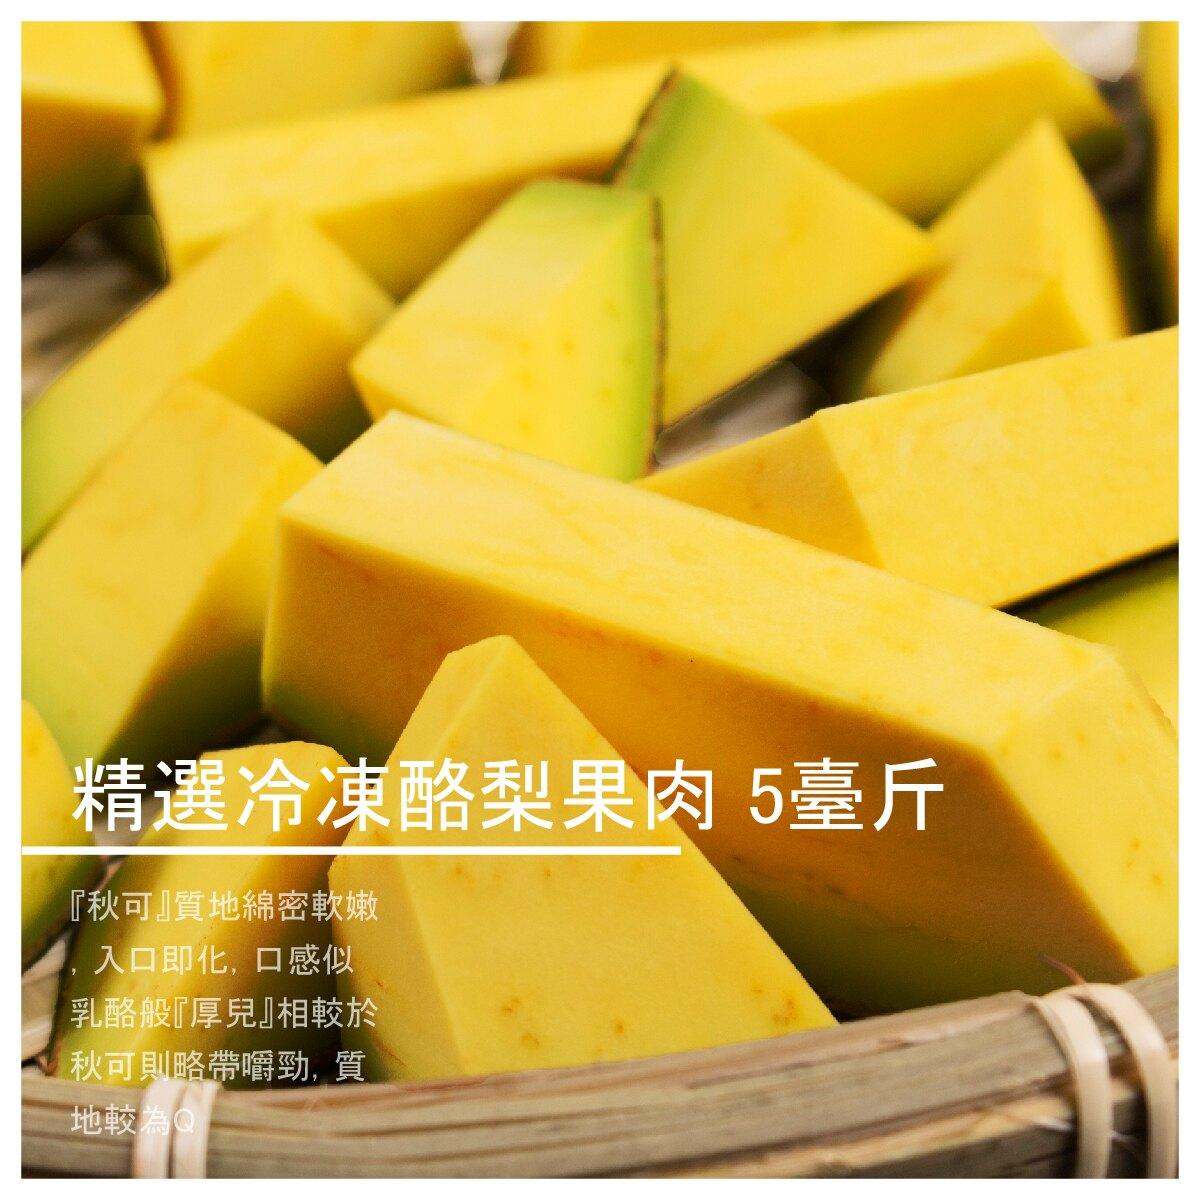 【正宗酪梨農場】精選冷凍酪梨果肉 5臺斤